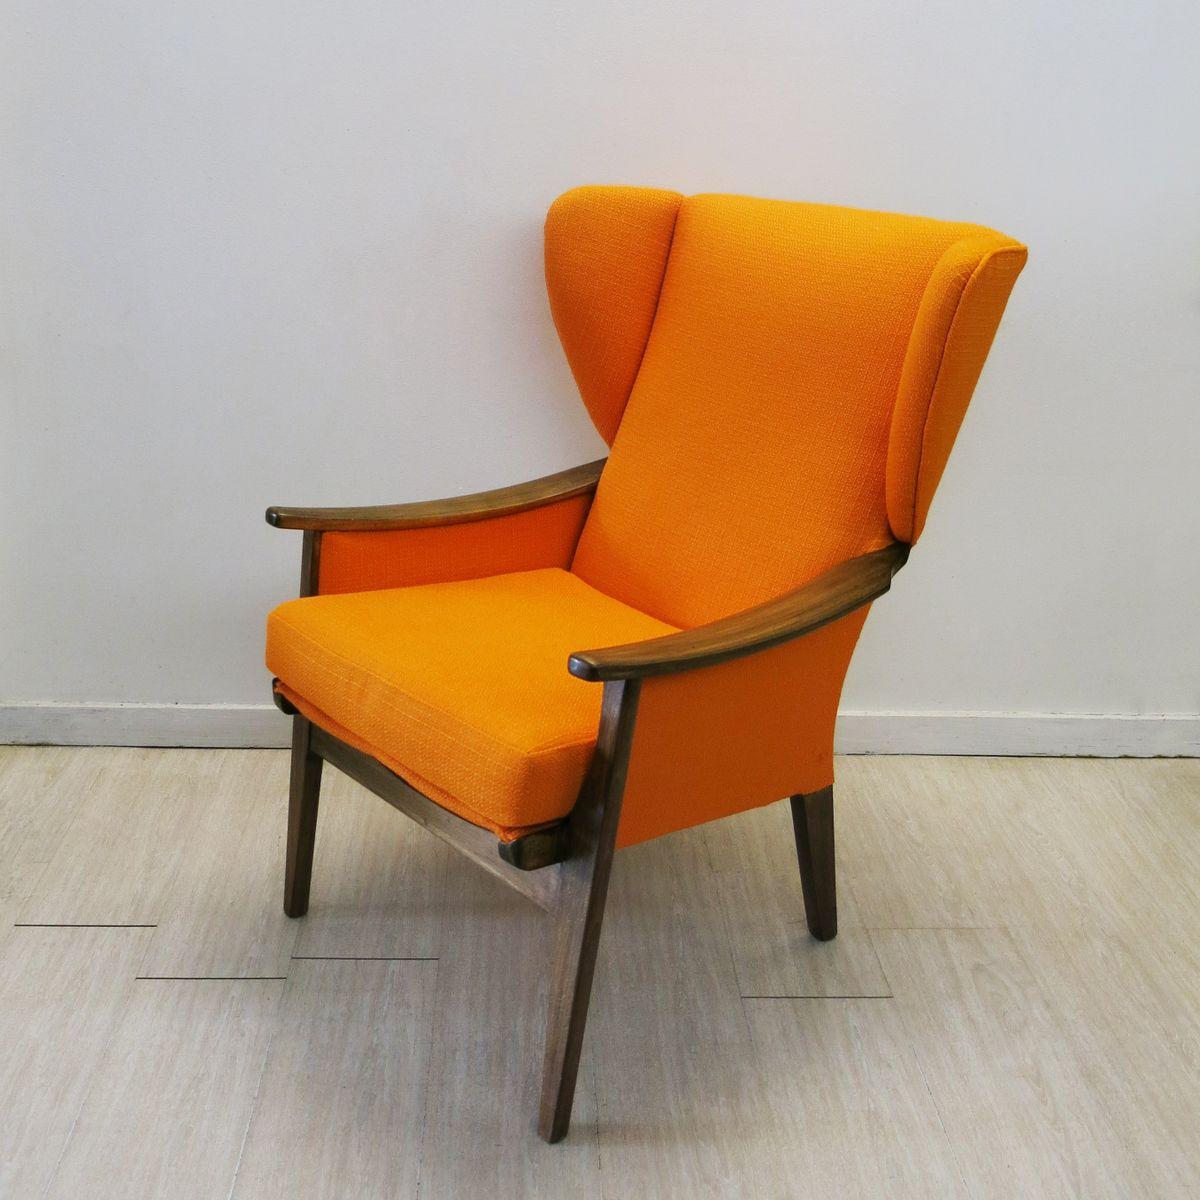 fauteuil oreilles vintage orange de parker knoll angleterre 1960s en vente sur pamono. Black Bedroom Furniture Sets. Home Design Ideas